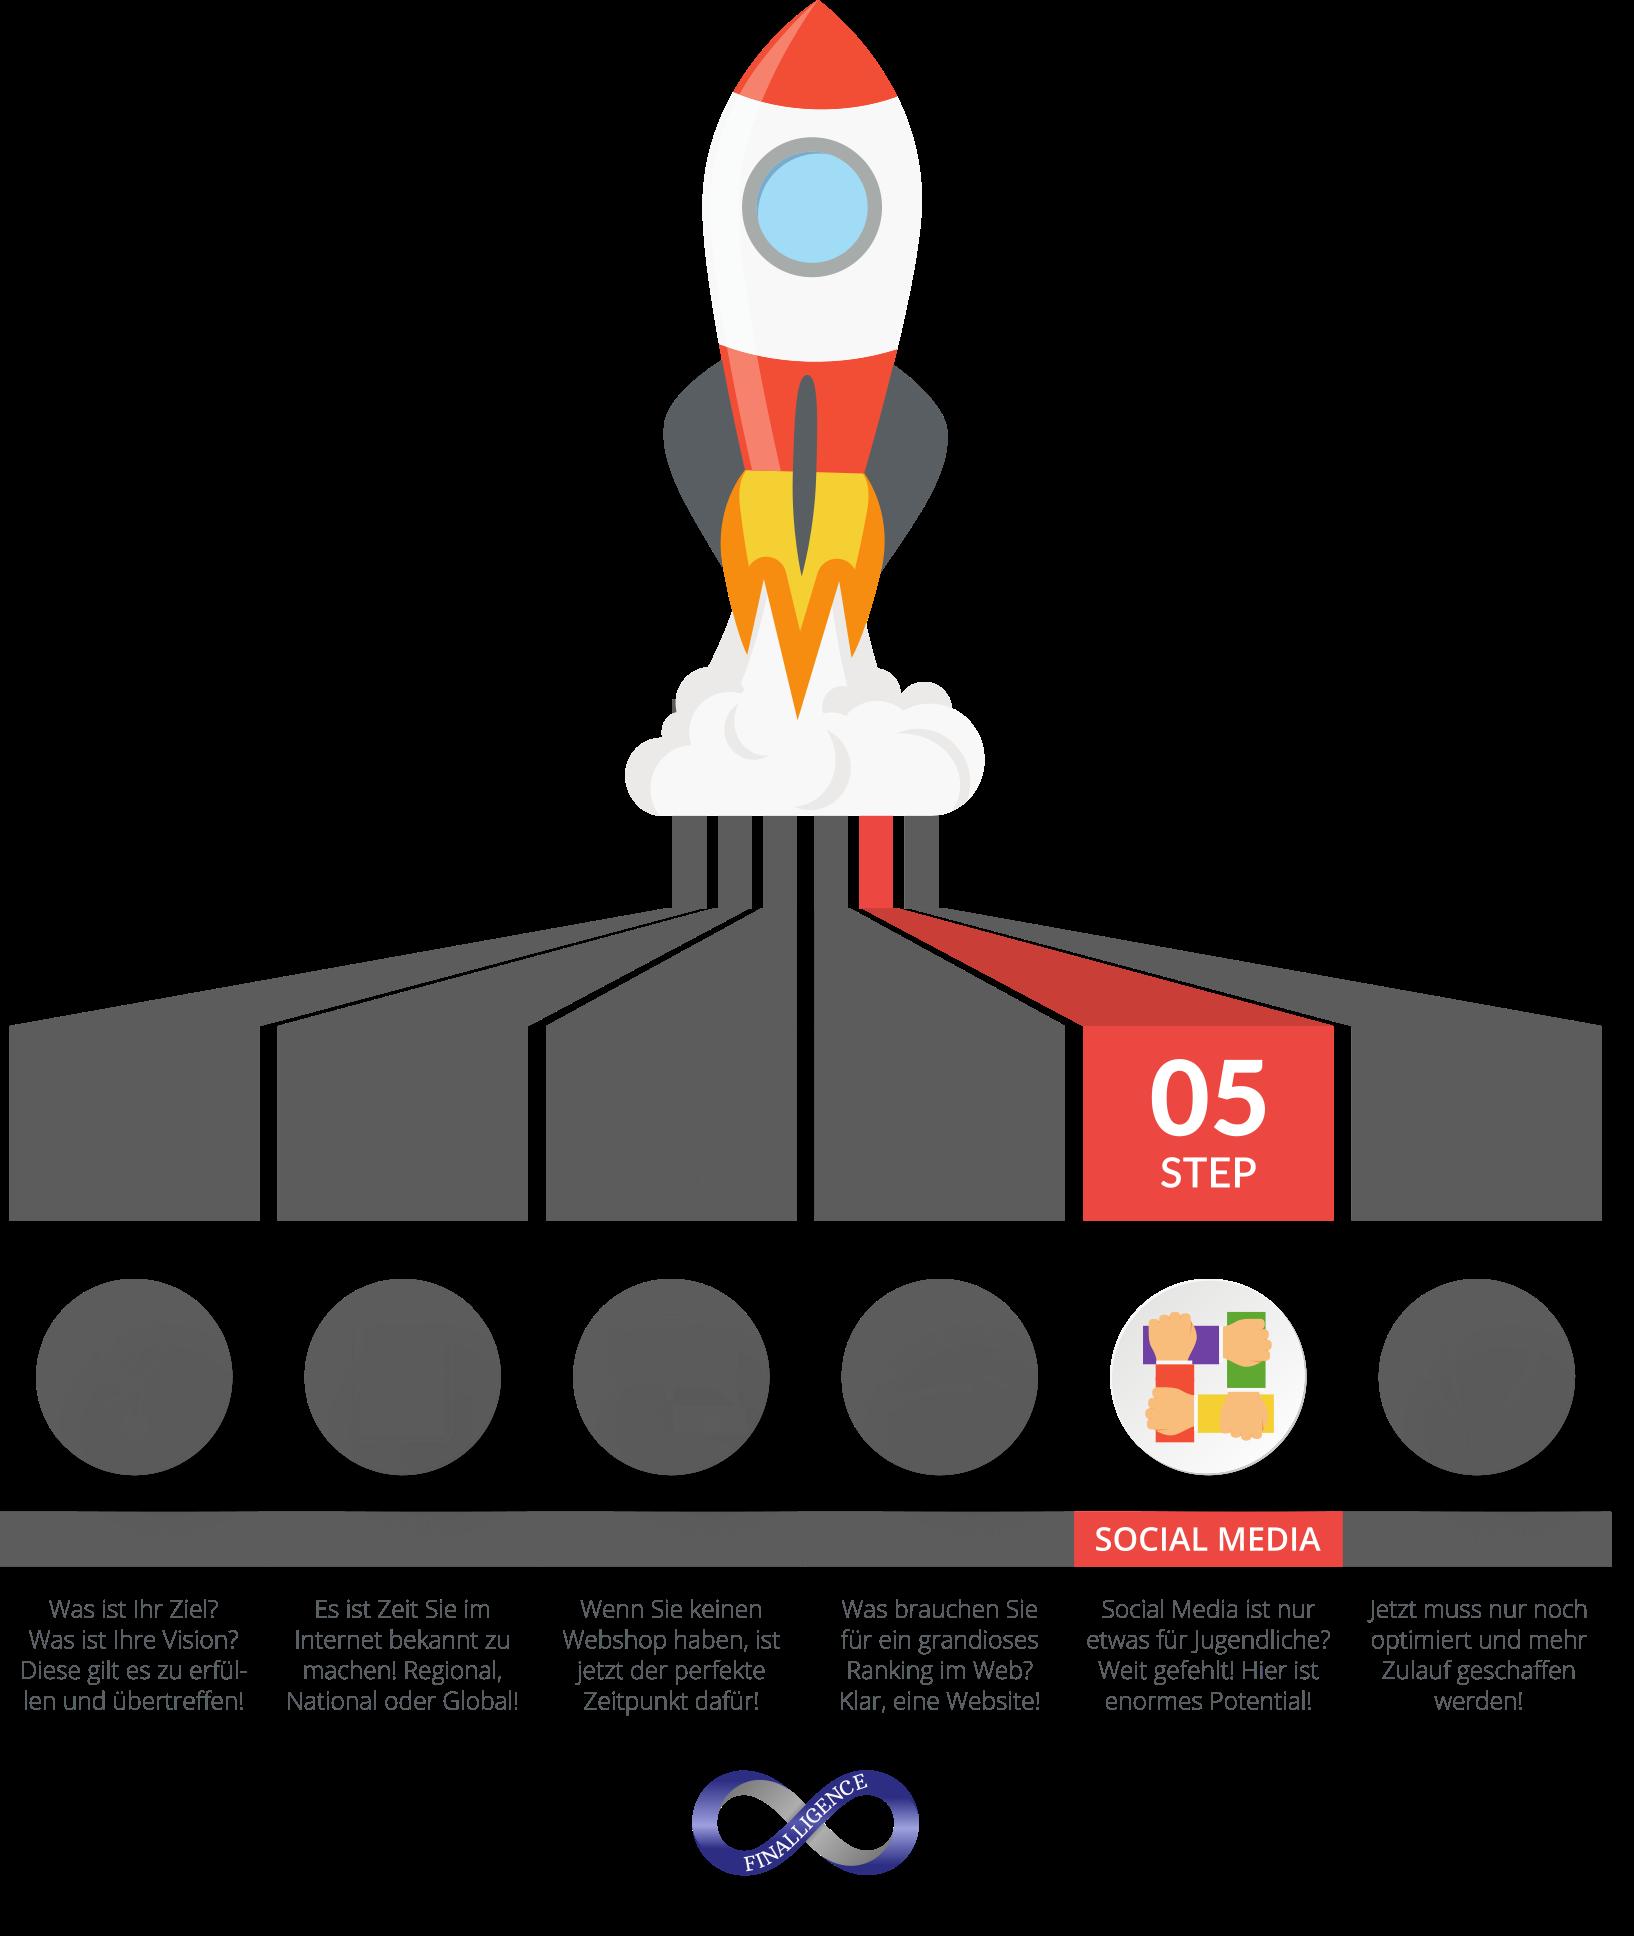 Online Auftritt Rakete für sichtbaren Erfolg - Step05 | Finalligence